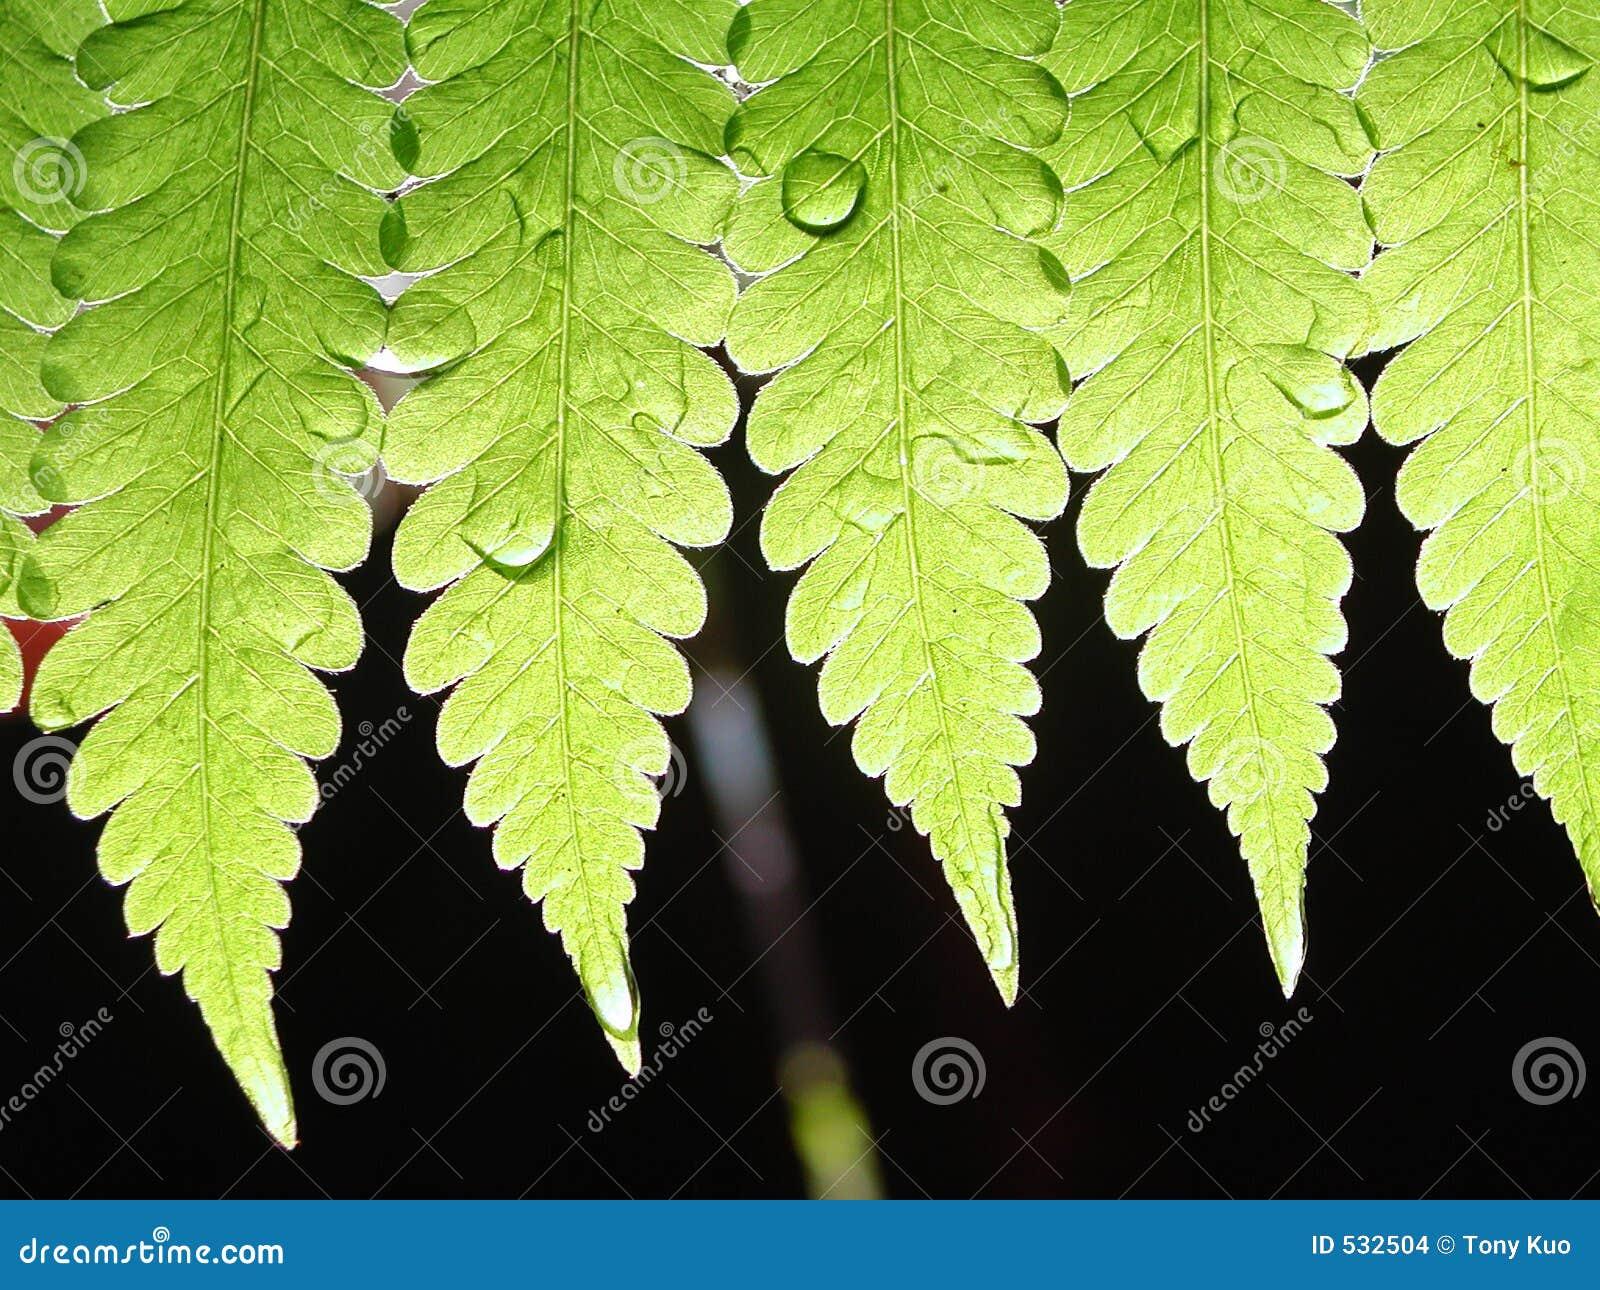 Download 绿色叶子 库存照片. 图片 包括有 玻色子, 植物群, 投反对票, 朽烂, 新鲜, 绿色, 小滴, 分解, 结算 - 532504